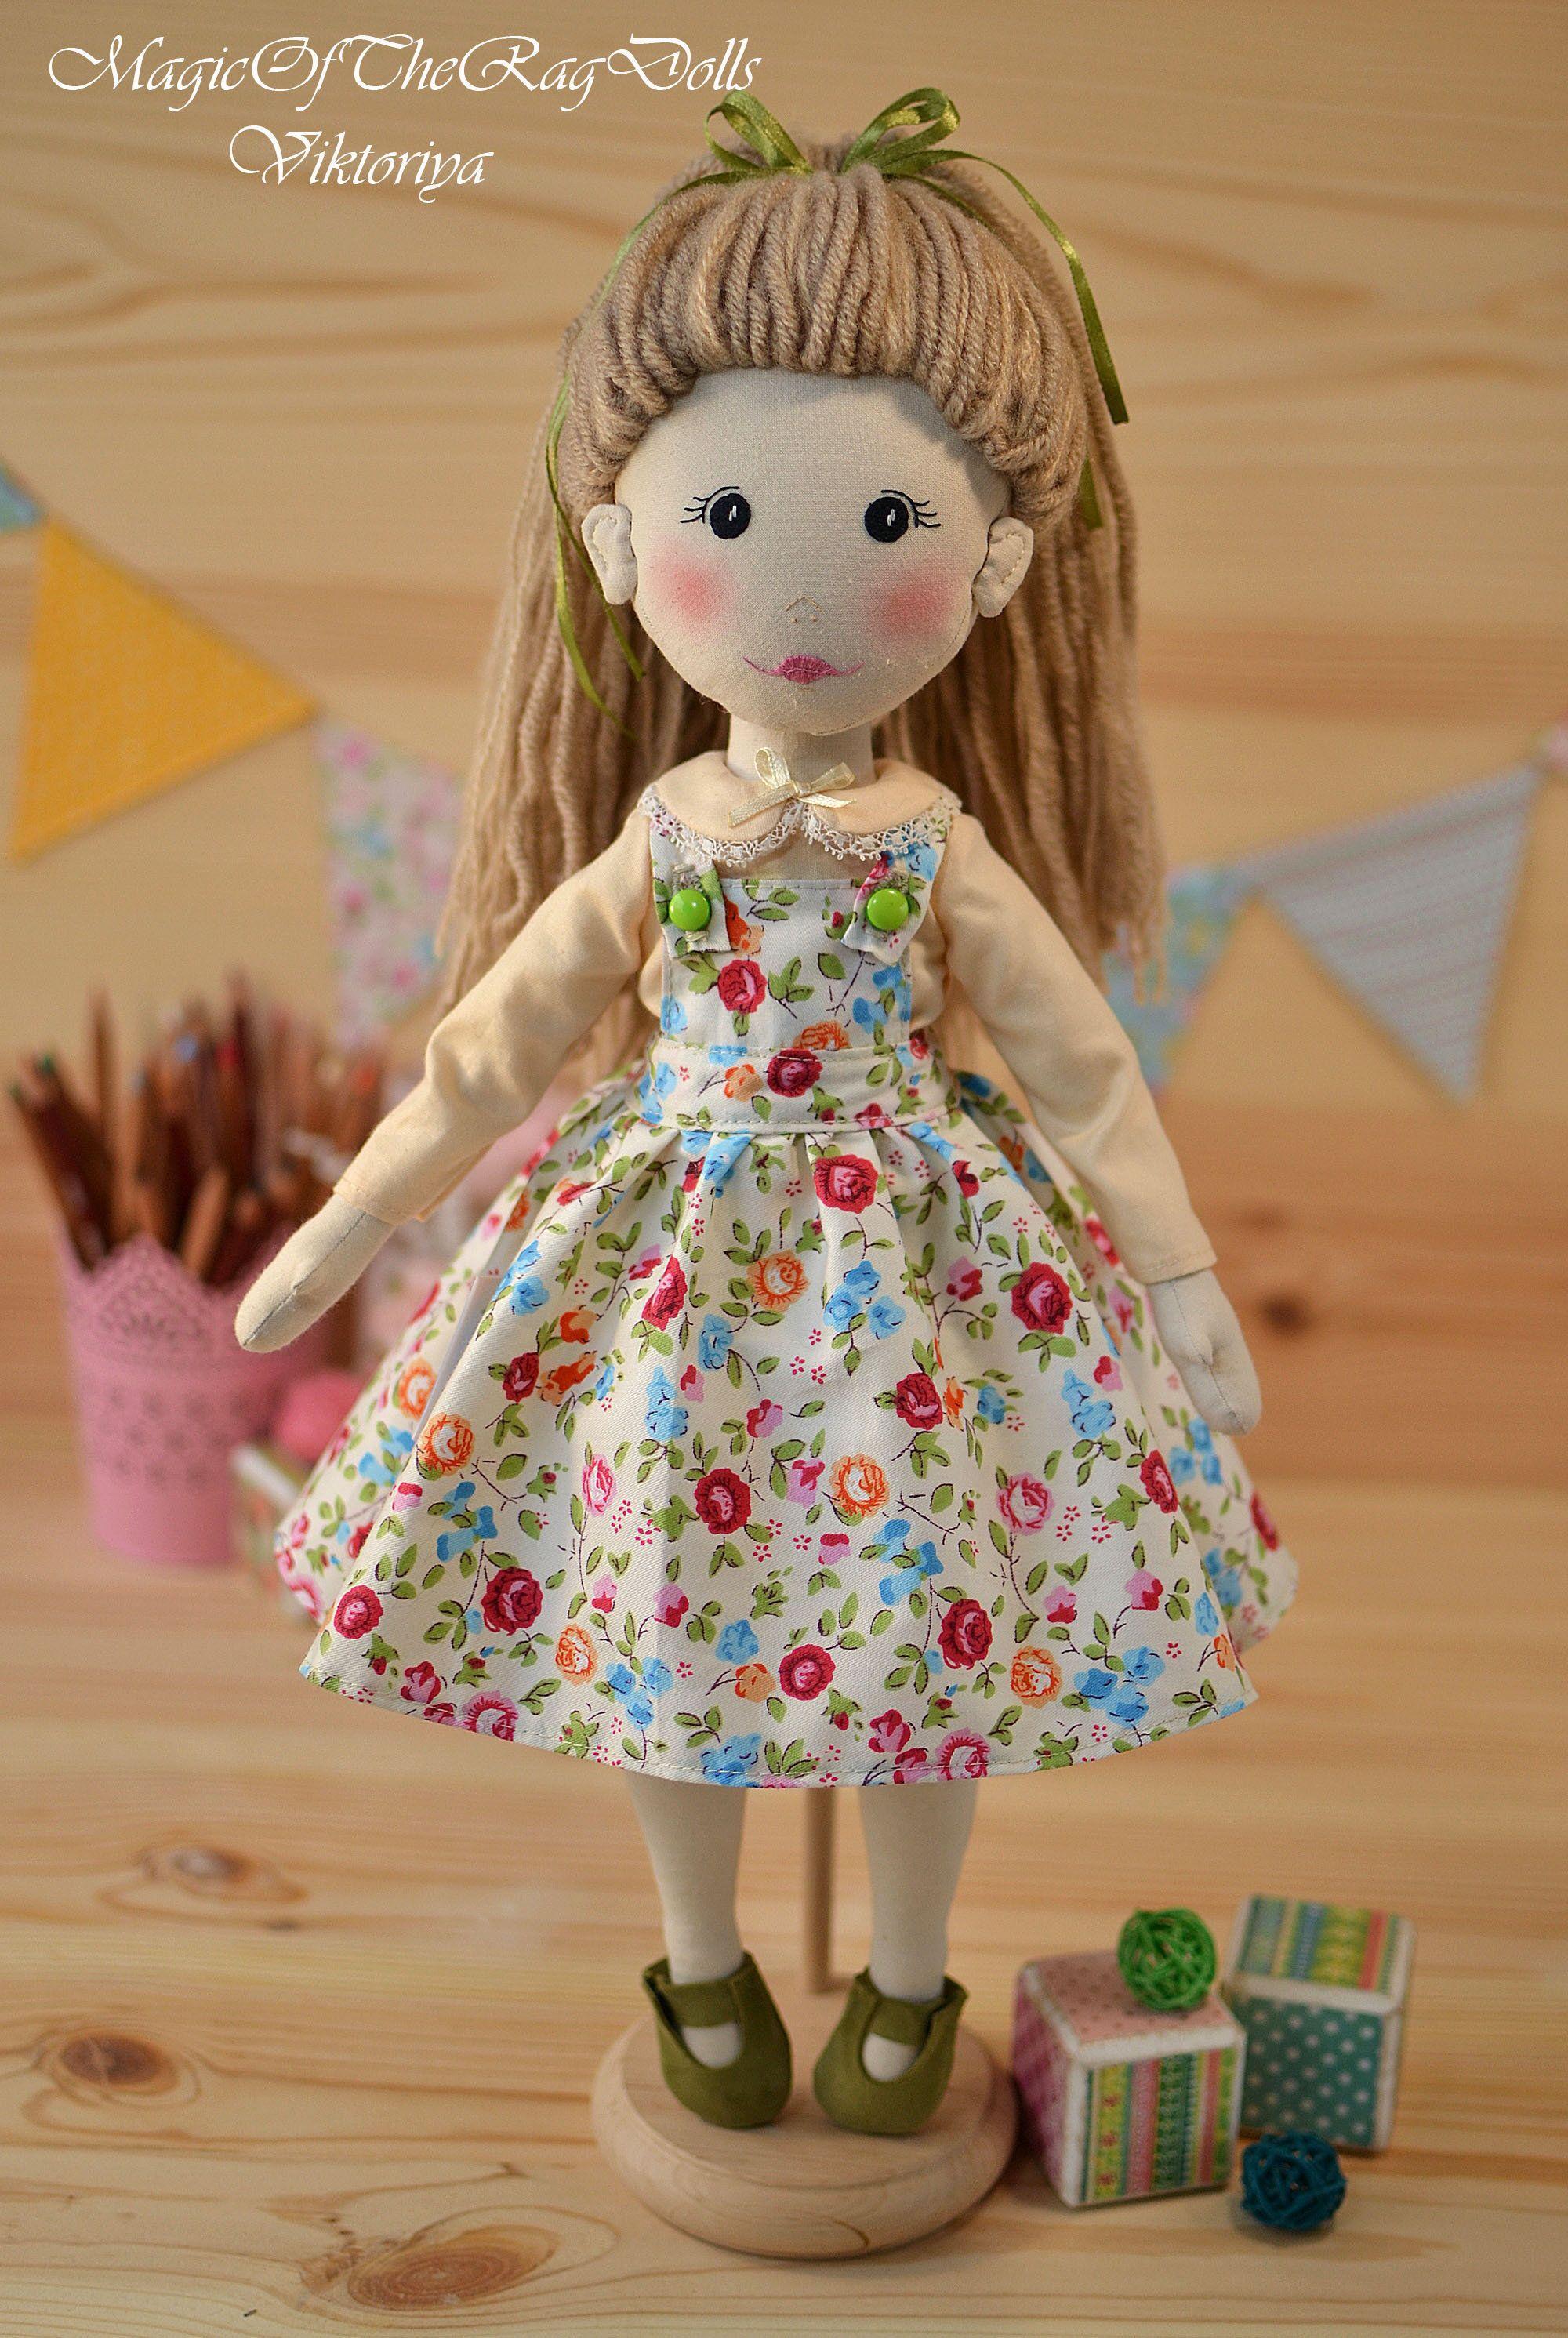 soft doll fabric handmade doll cloth doll stuffed doll doll cotton, ragdoll